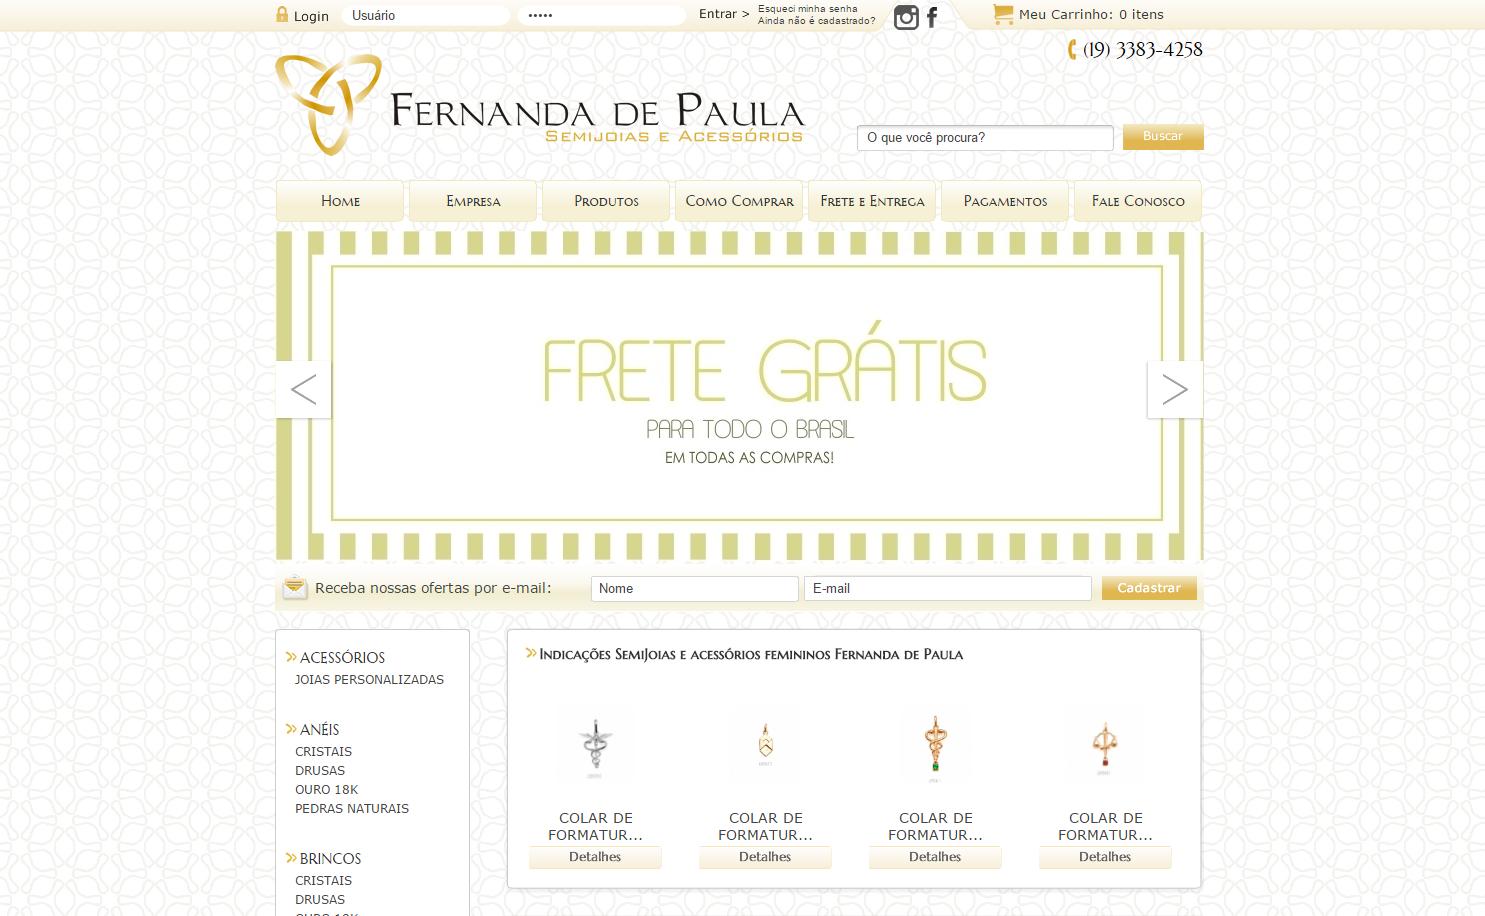 Loja Fernanda de Paula